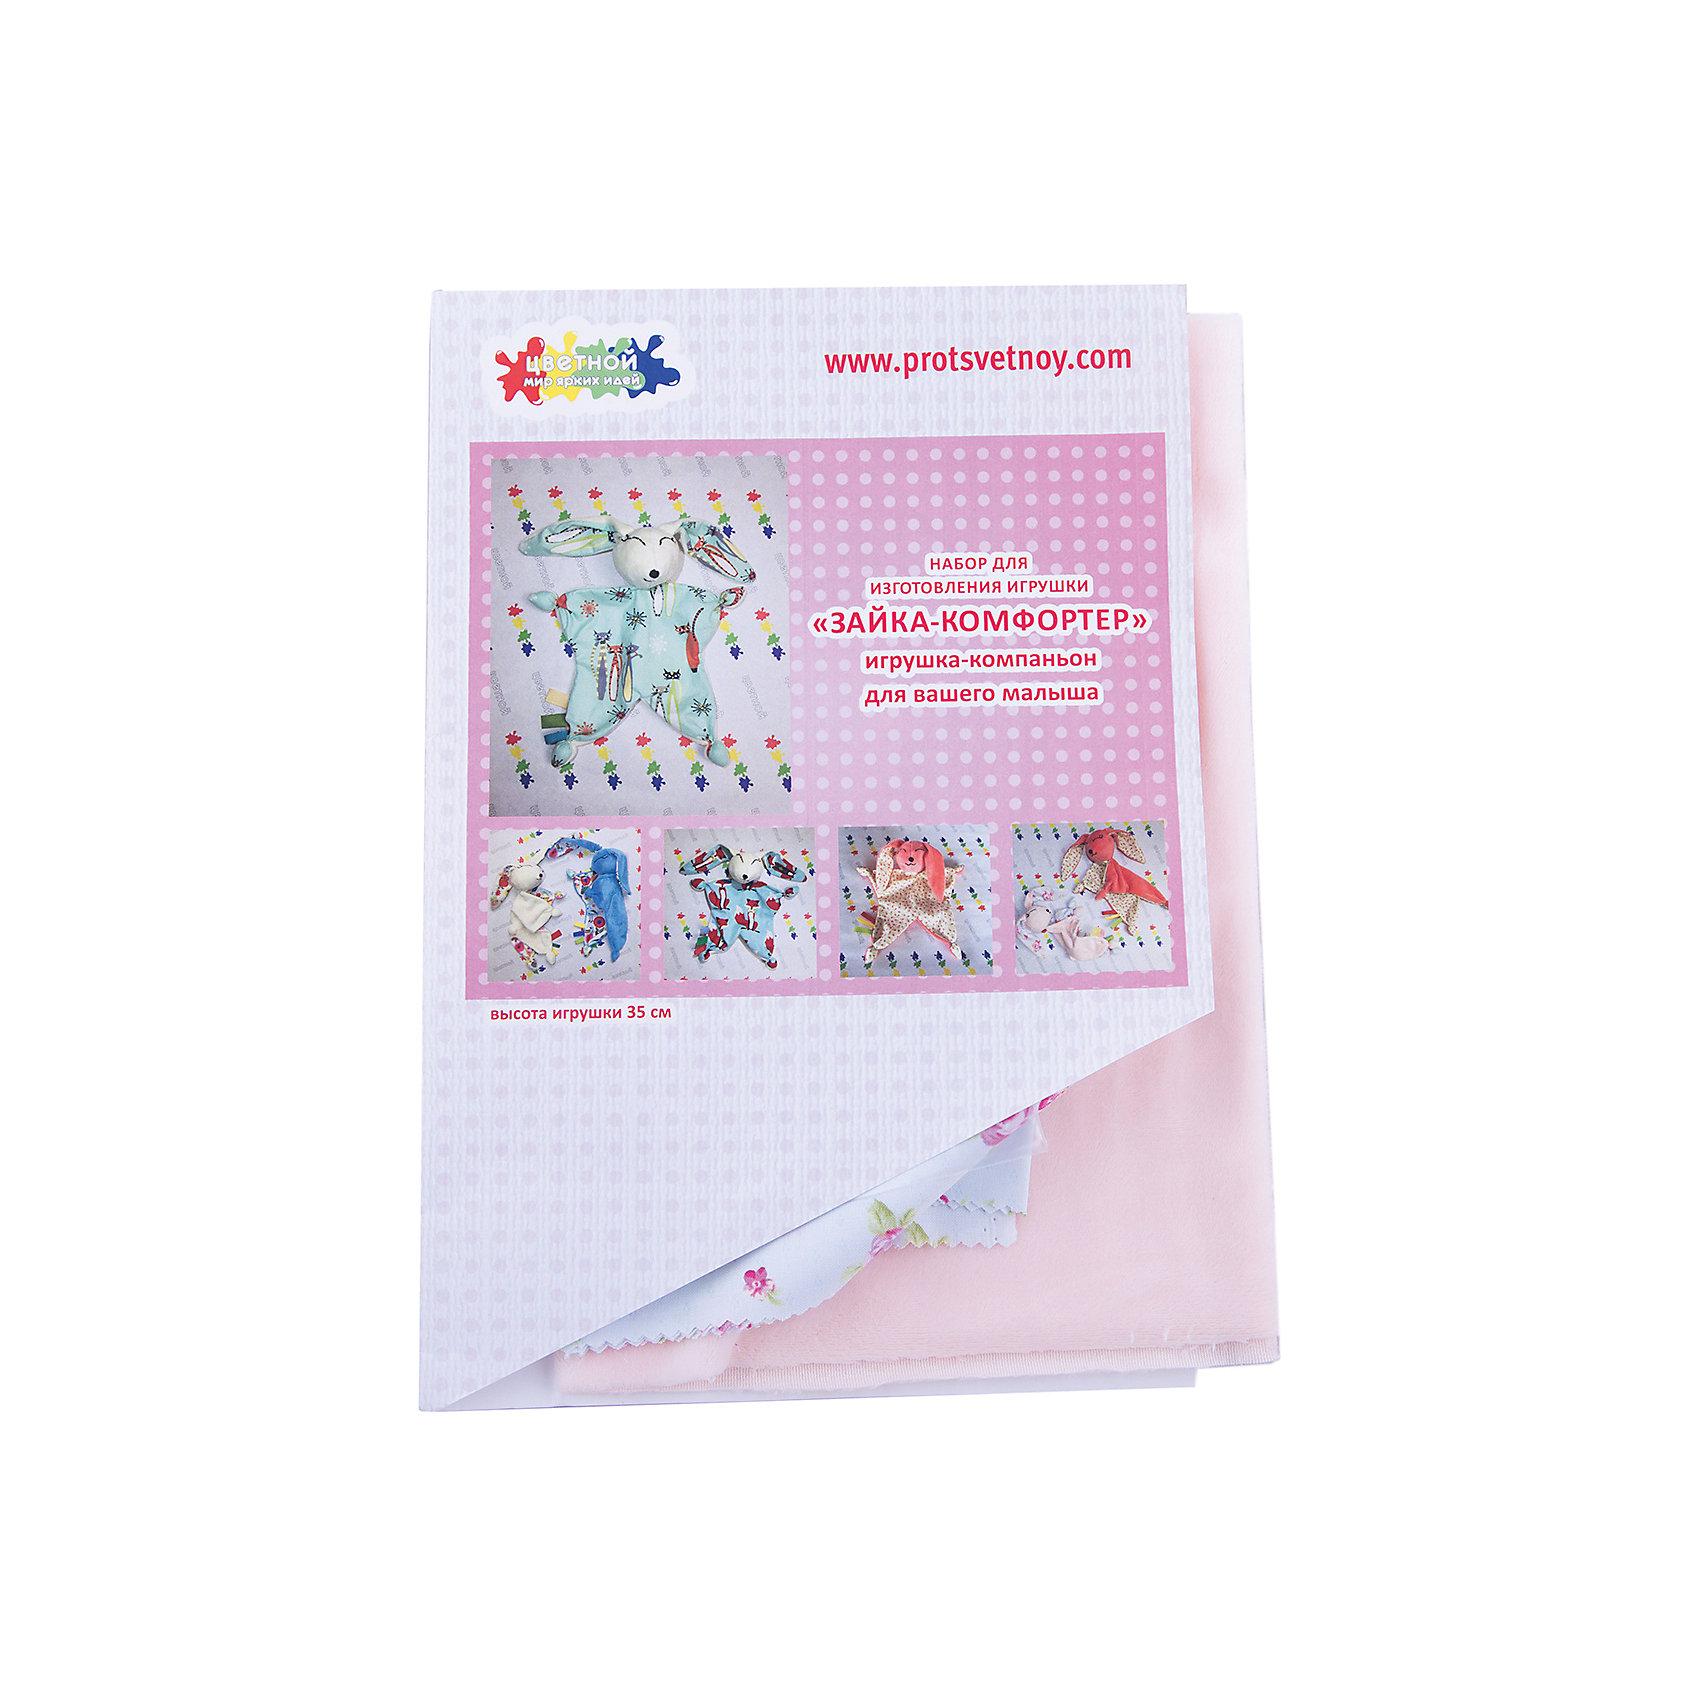 Набор Зайка-КомфортерВ набор входит выкройка, подробная инструкция, лекало, мел, булавки, нитки, наполнитель-холлафайбер, ленты и аксессуары для украшения. Игрушка выполняется из специальной несыпучей ткани для печворка. Своими руками Вы создаете дизайнерскую игрушку<br><br>Ширина мм: 250<br>Глубина мм: 20<br>Высота мм: 350<br>Вес г: 500<br>Возраст от месяцев: 120<br>Возраст до месяцев: 180<br>Пол: Унисекс<br>Возраст: Детский<br>SKU: 5350880